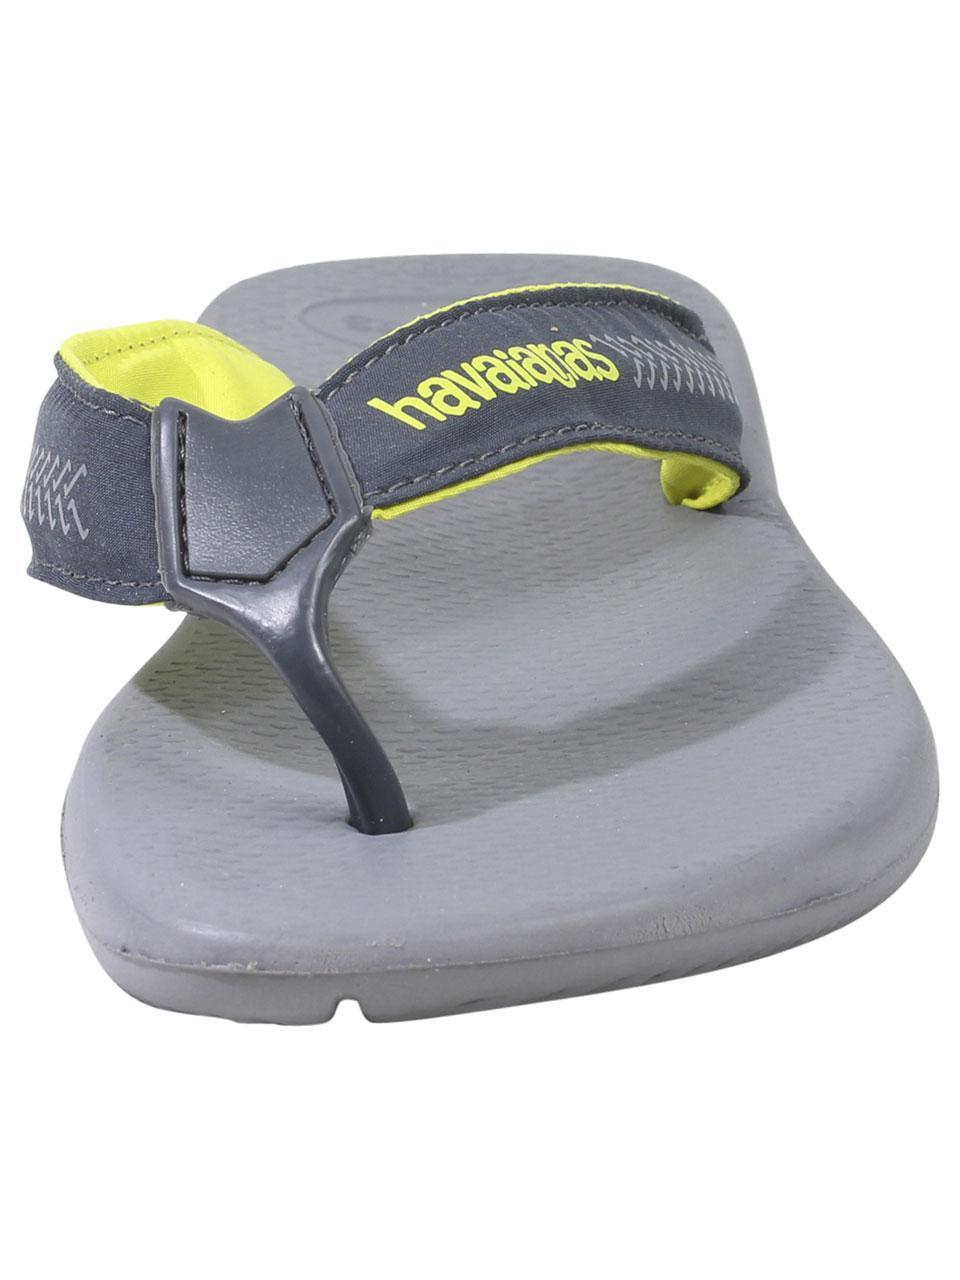 Havaianas-Men-039-s-Surf-Pro-Flip-Flops-Sandals-Shoes miniature 16